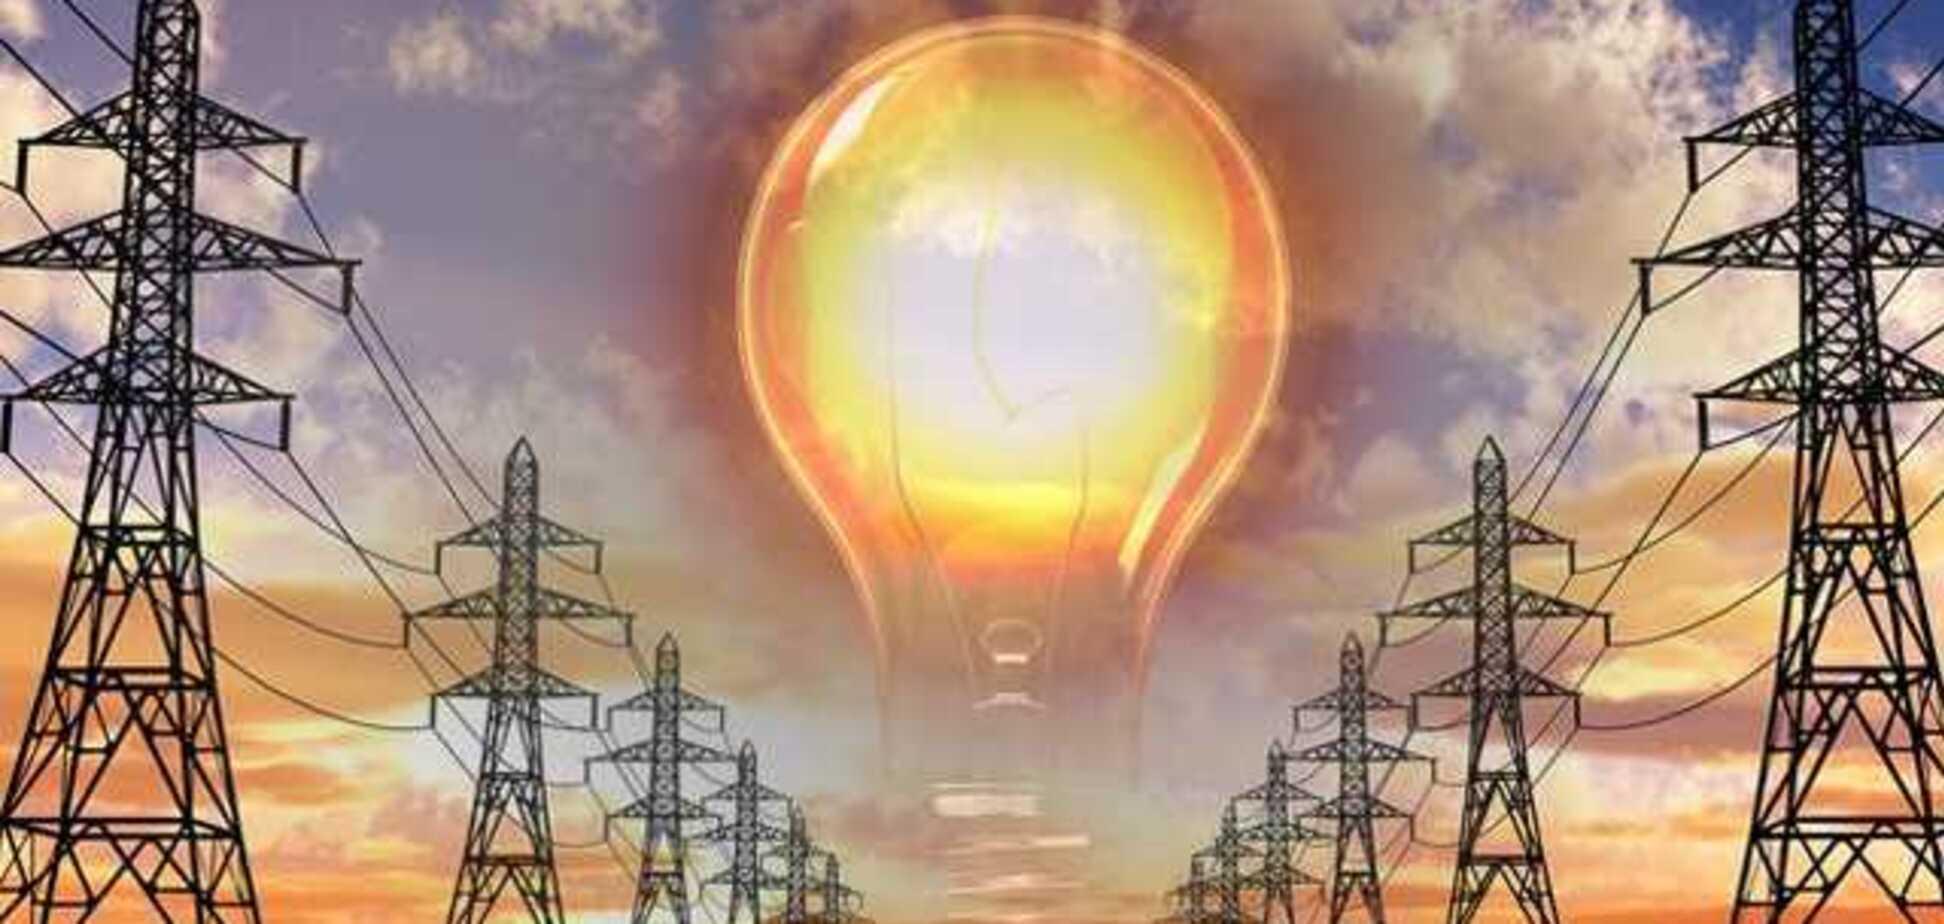 Иллюстрация. Электроэнергия